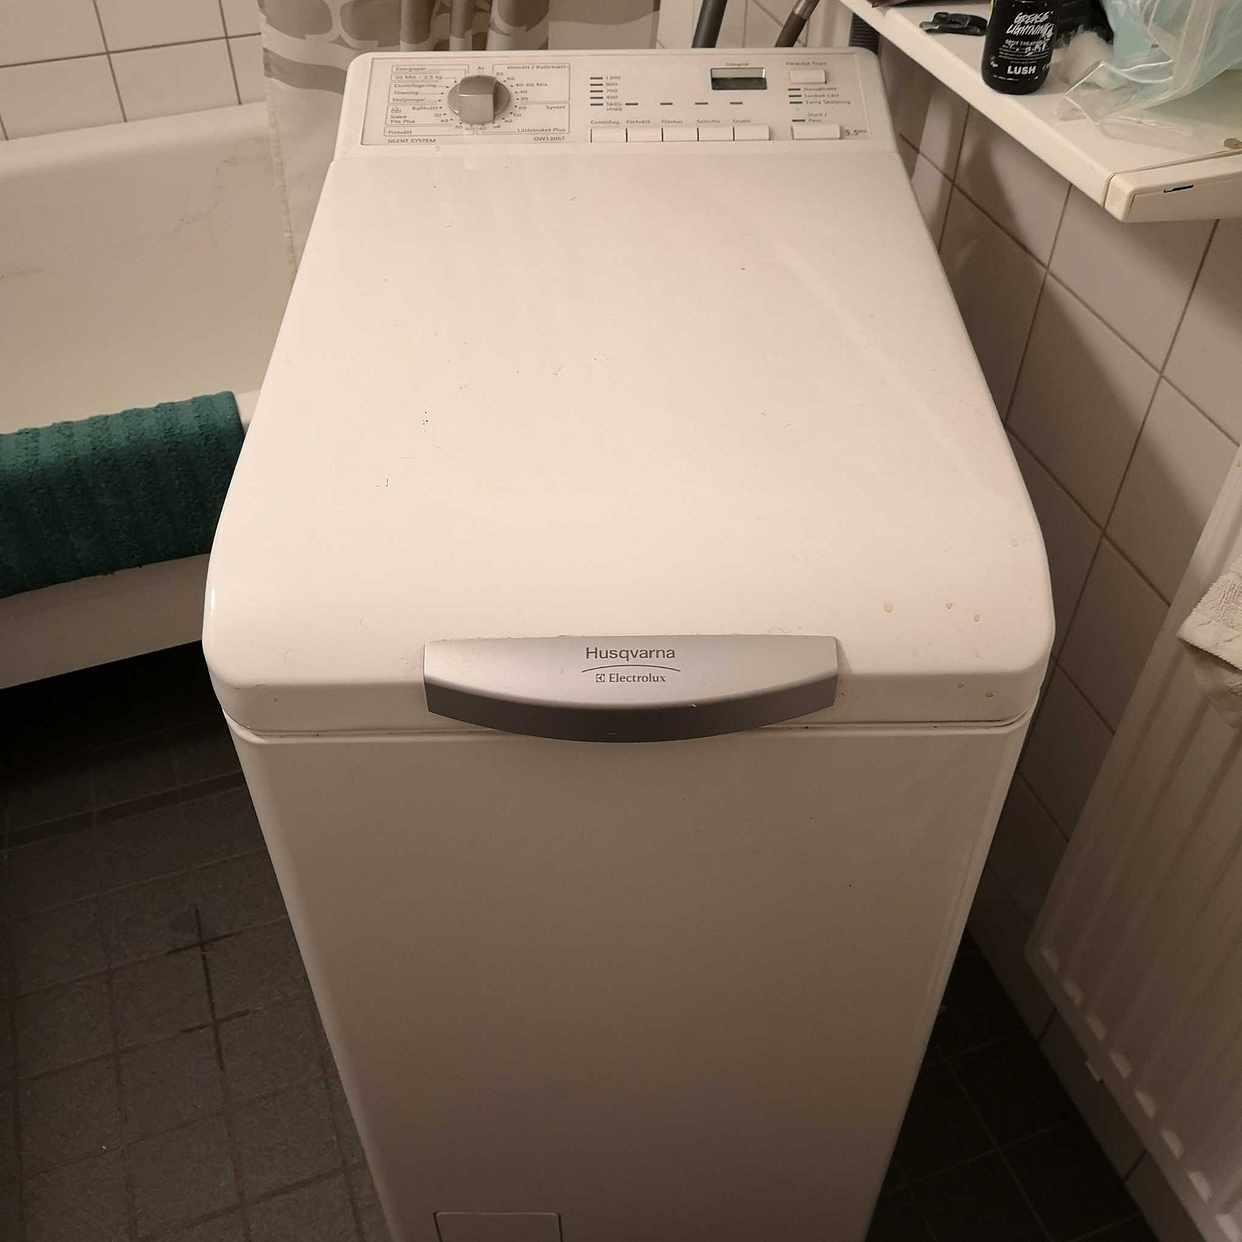 image of Washingmachine giveaway - Bandhagen